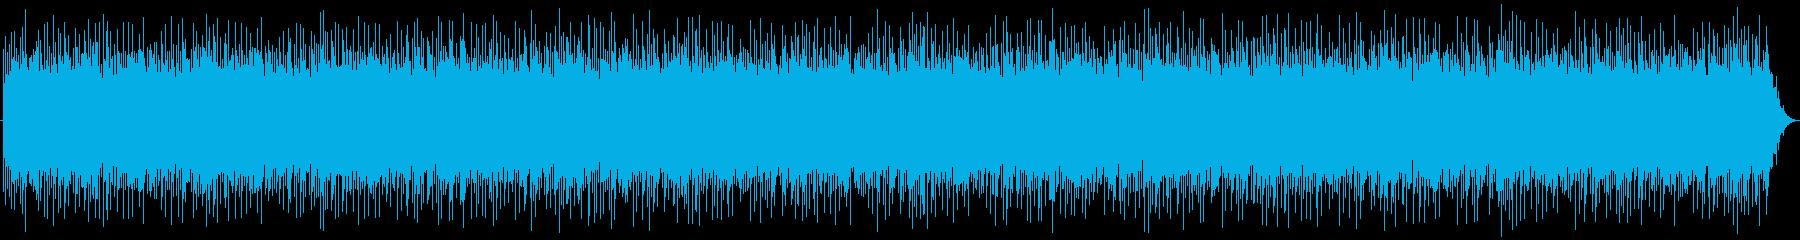 情報・ニュース/シンセ軽快リズミカルの再生済みの波形